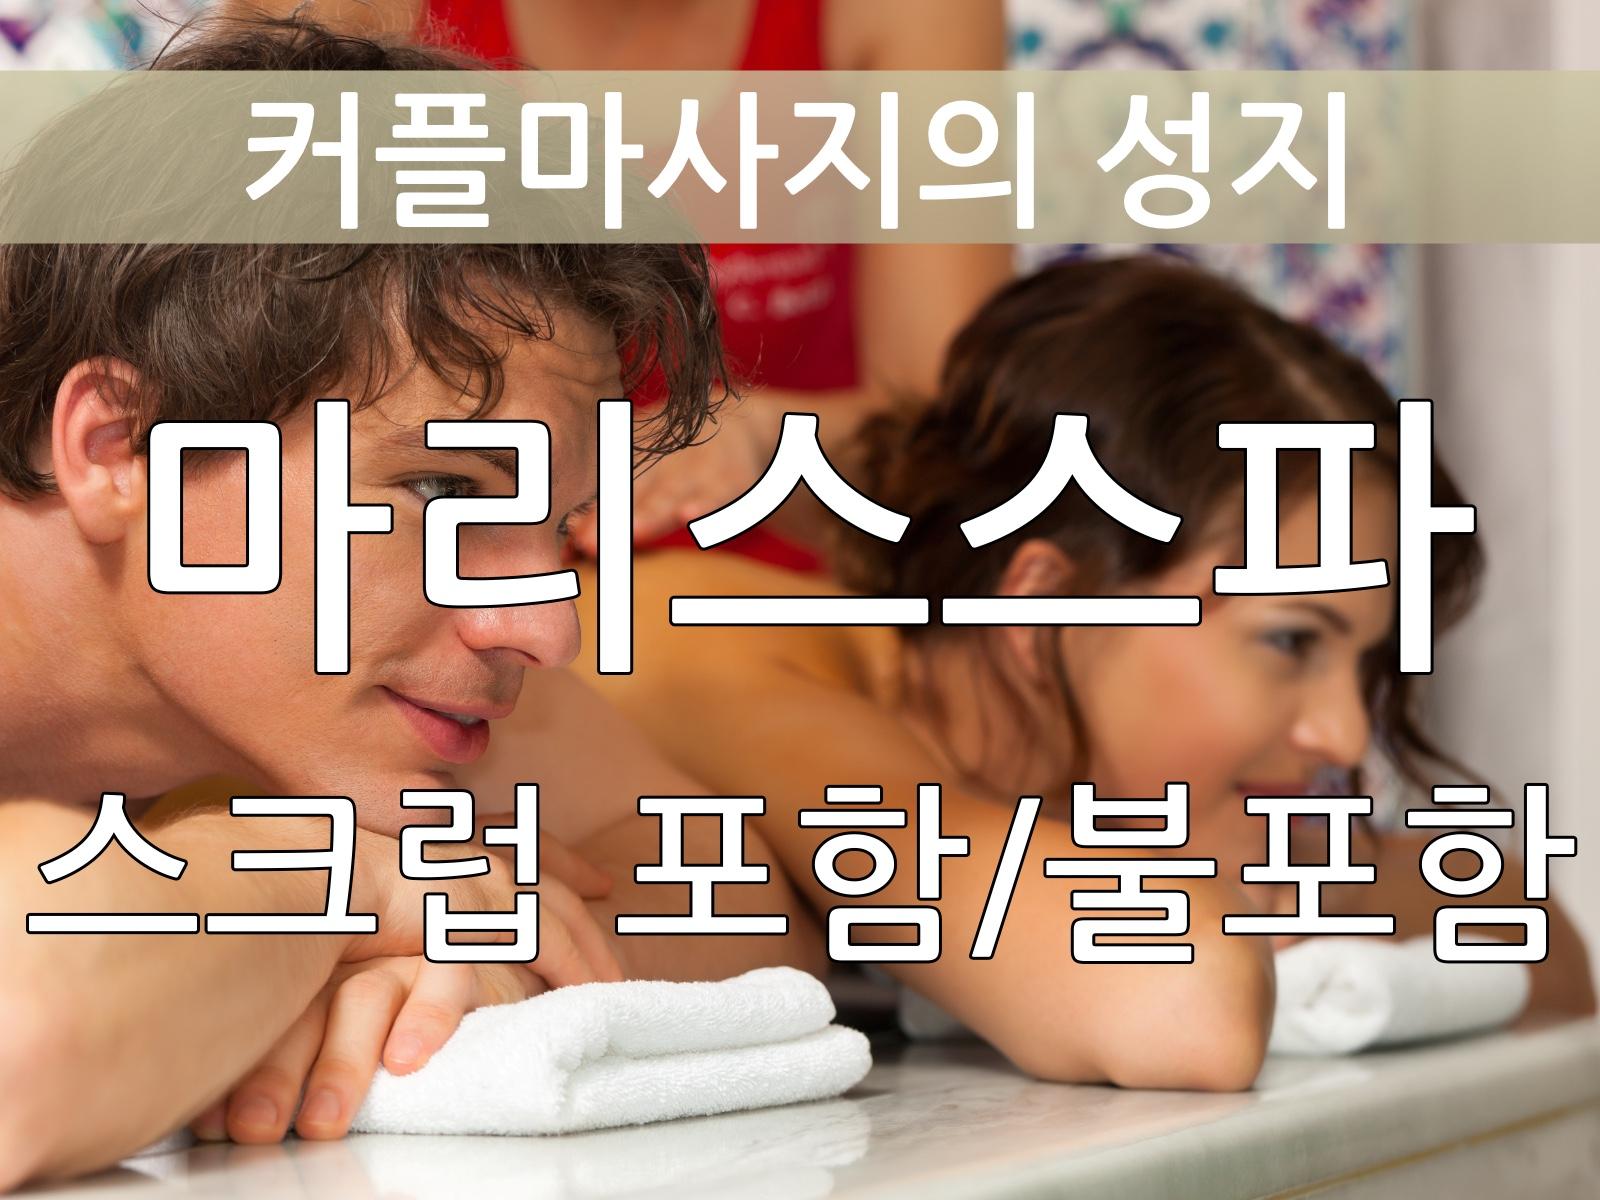 [보라카이 마사지 & 스파] 마리스 스파 - 스크럽 포함/불포함 선택가능